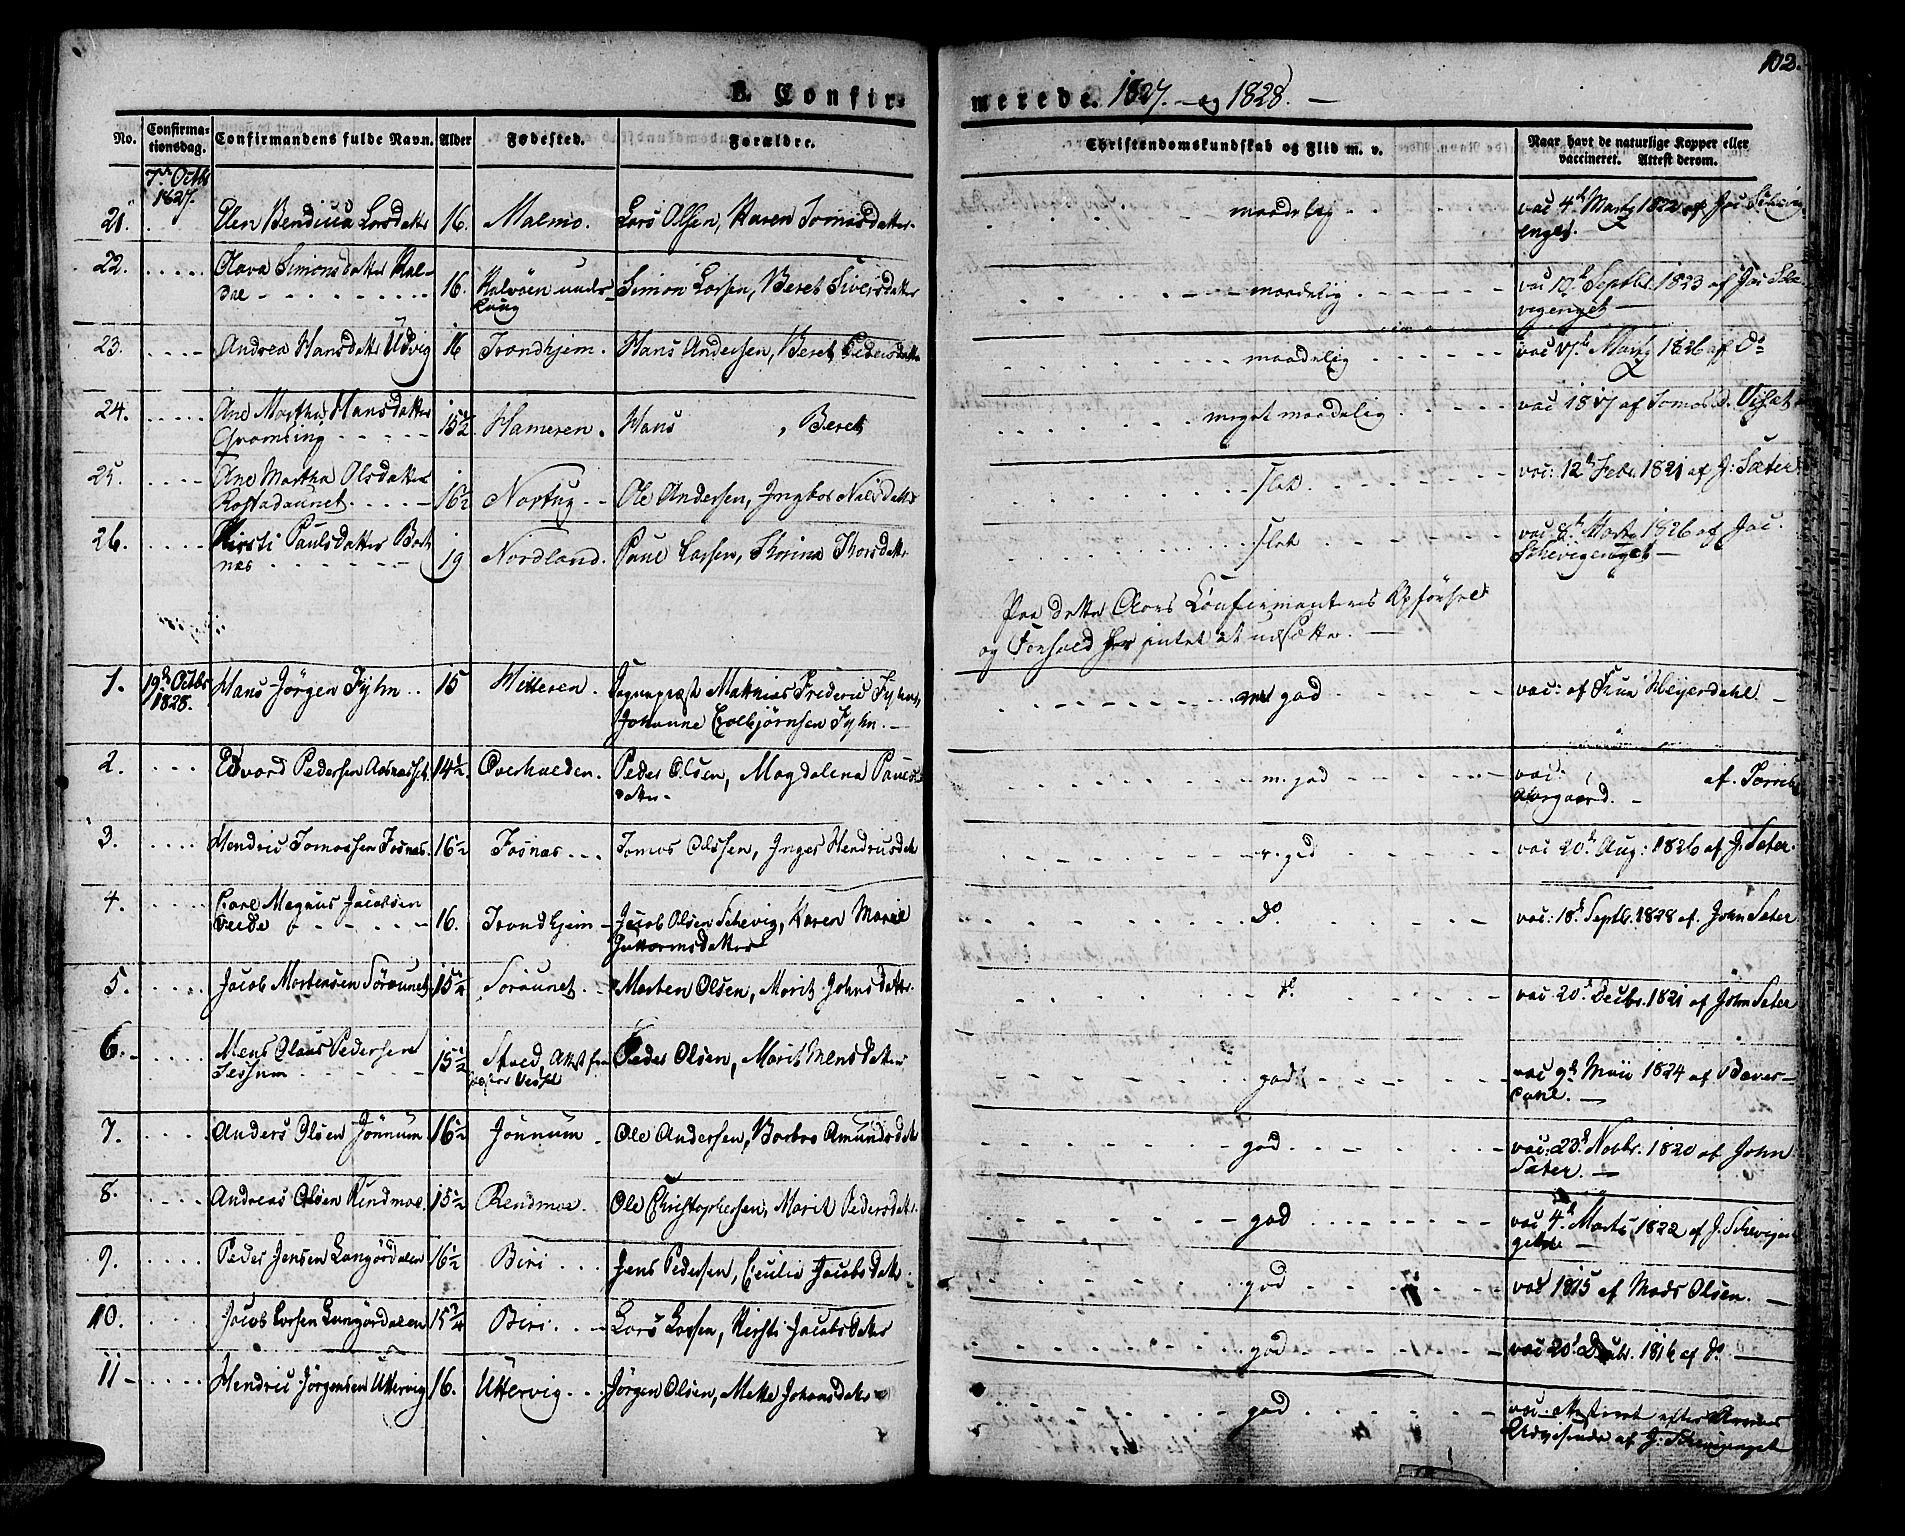 SAT, Ministerialprotokoller, klokkerbøker og fødselsregistre - Nord-Trøndelag, 741/L0390: Ministerialbok nr. 741A04, 1822-1836, s. 102